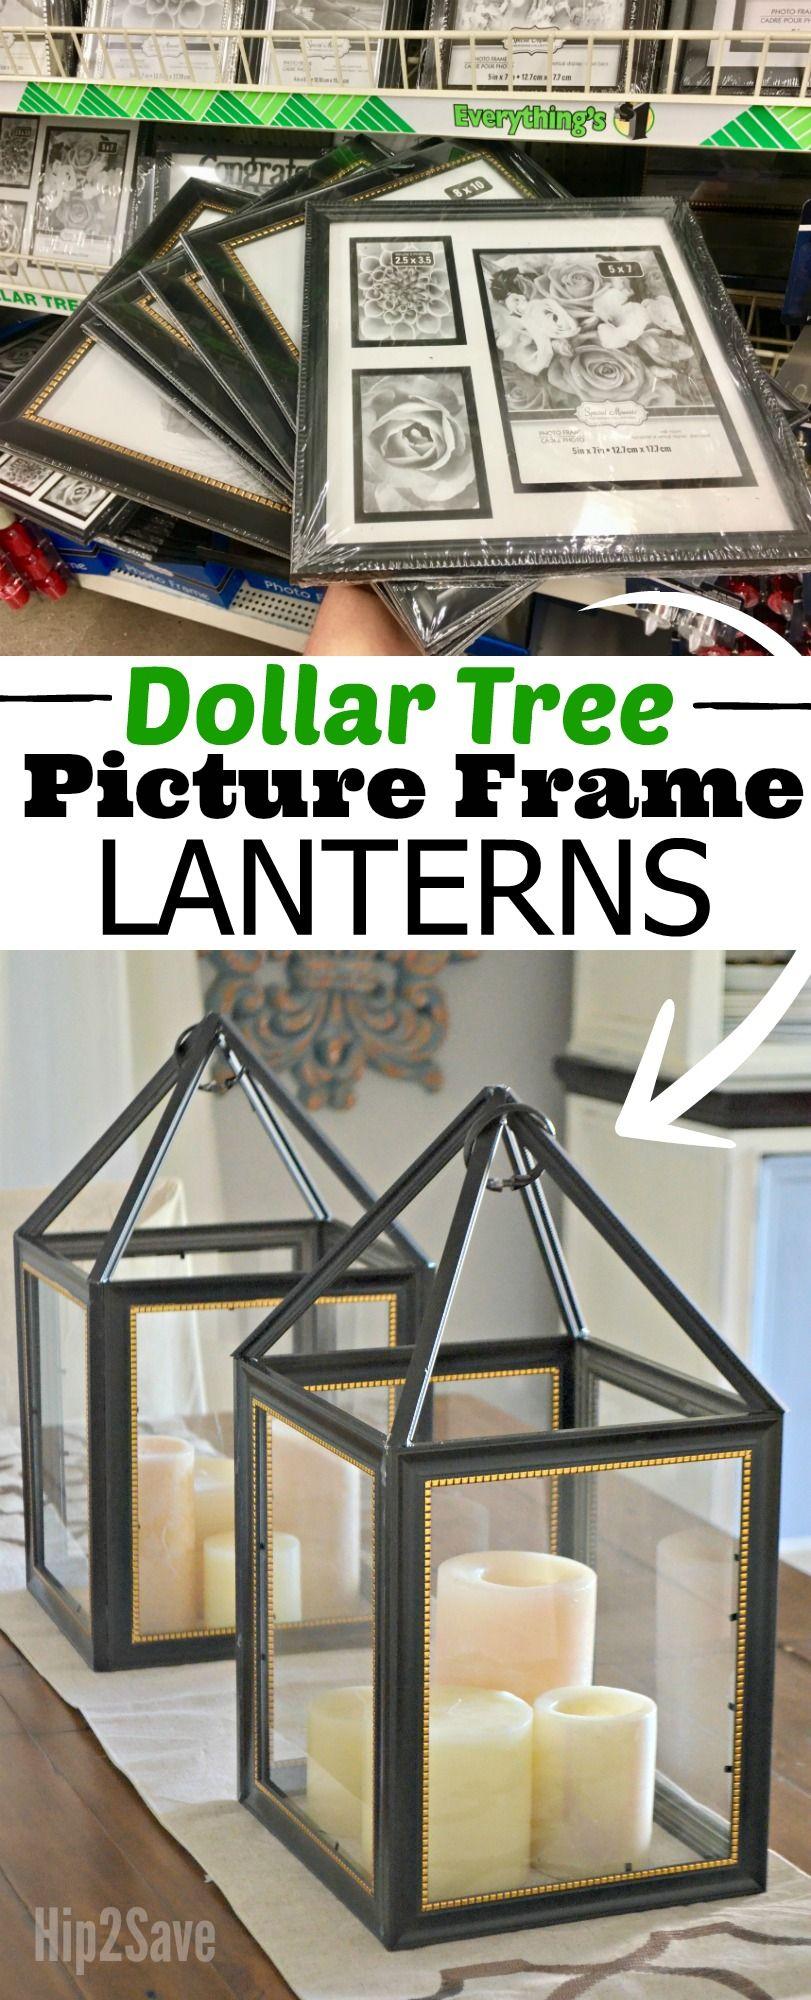 diy dollar tree picture frame lanterns - Dollar Tree Frames